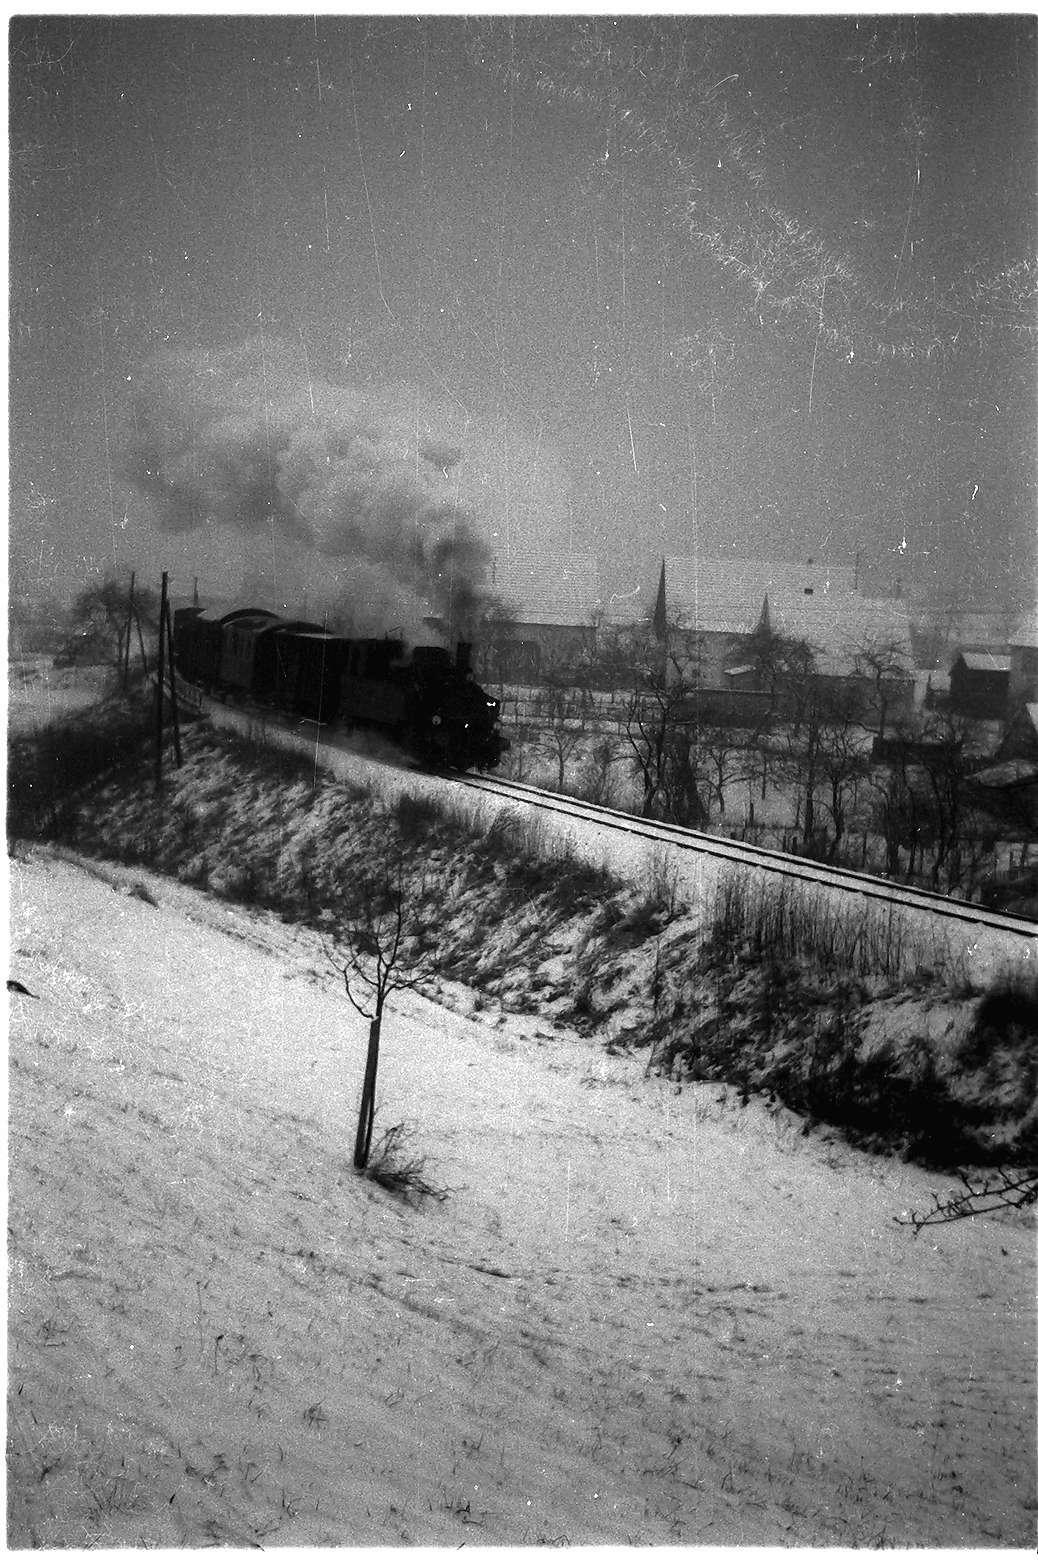 Stein, Lok 12, Zug 305 (Diesel-Ersatzverkehr, eine Diesellok war in Reparatur), Bild 1